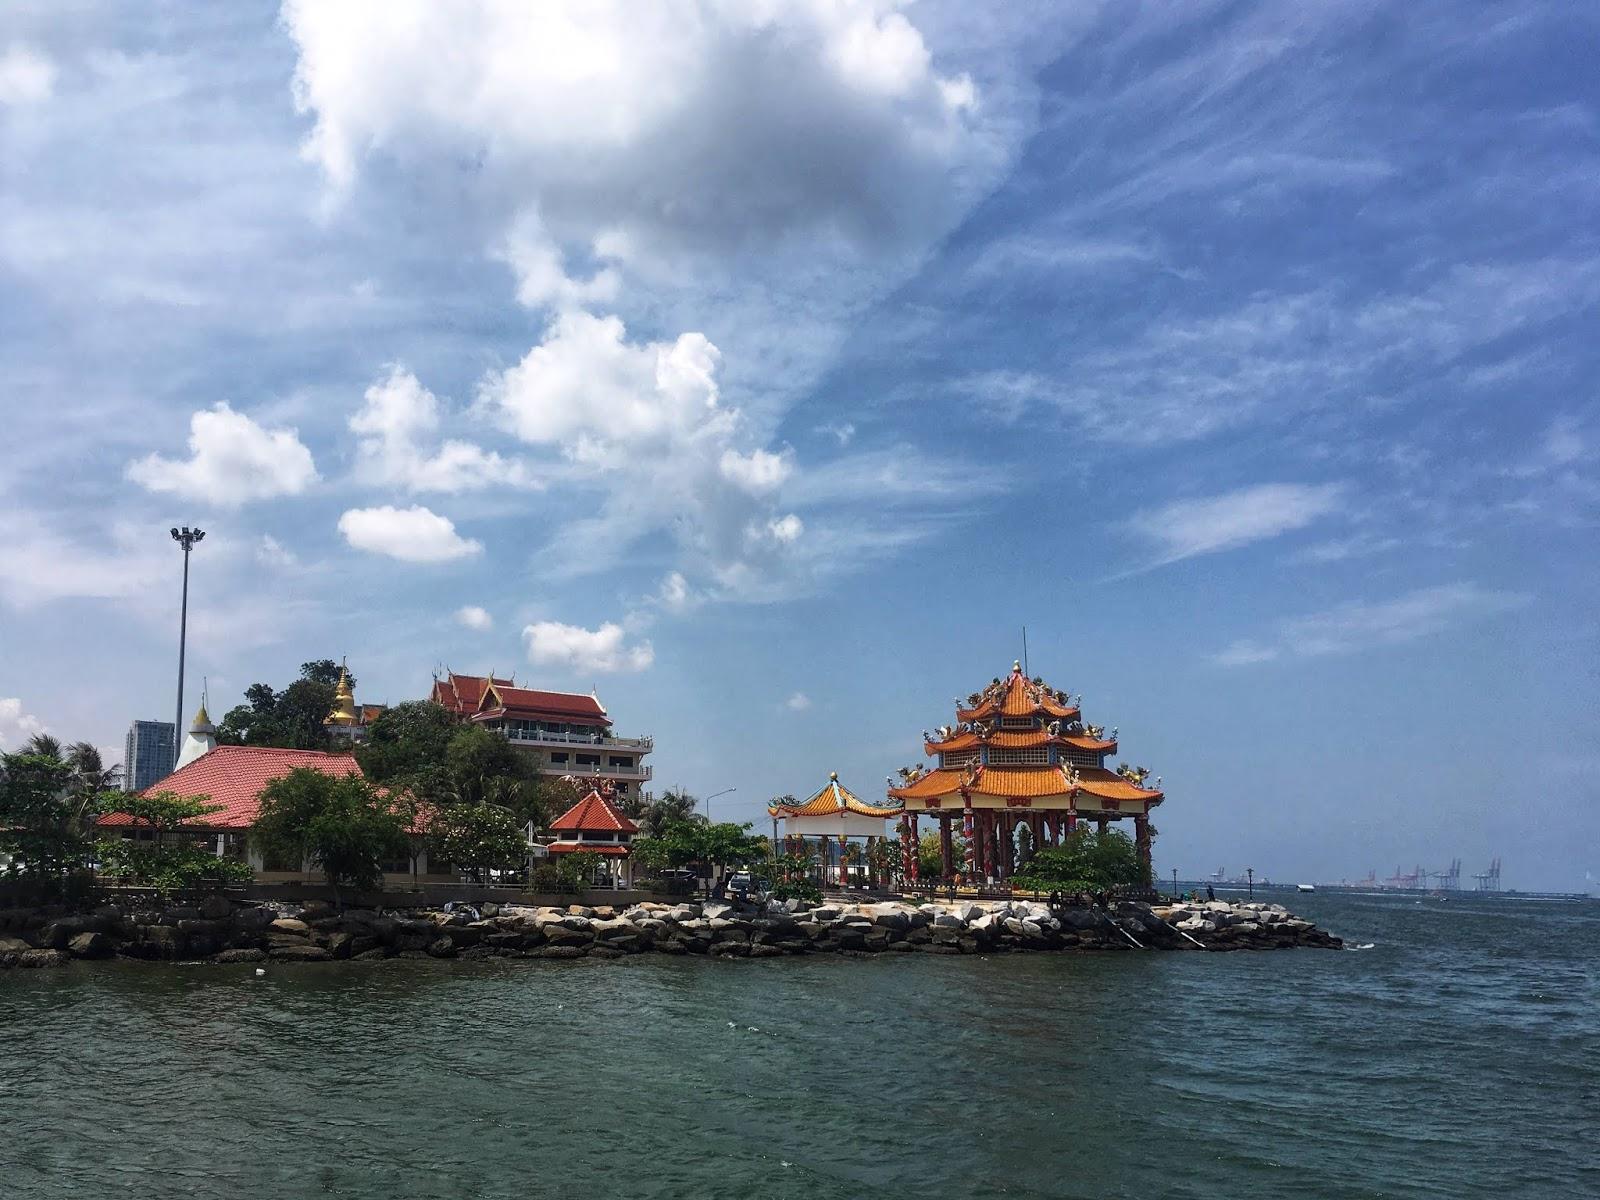 a Chinese temple near the ocean in Siracha, Thailand